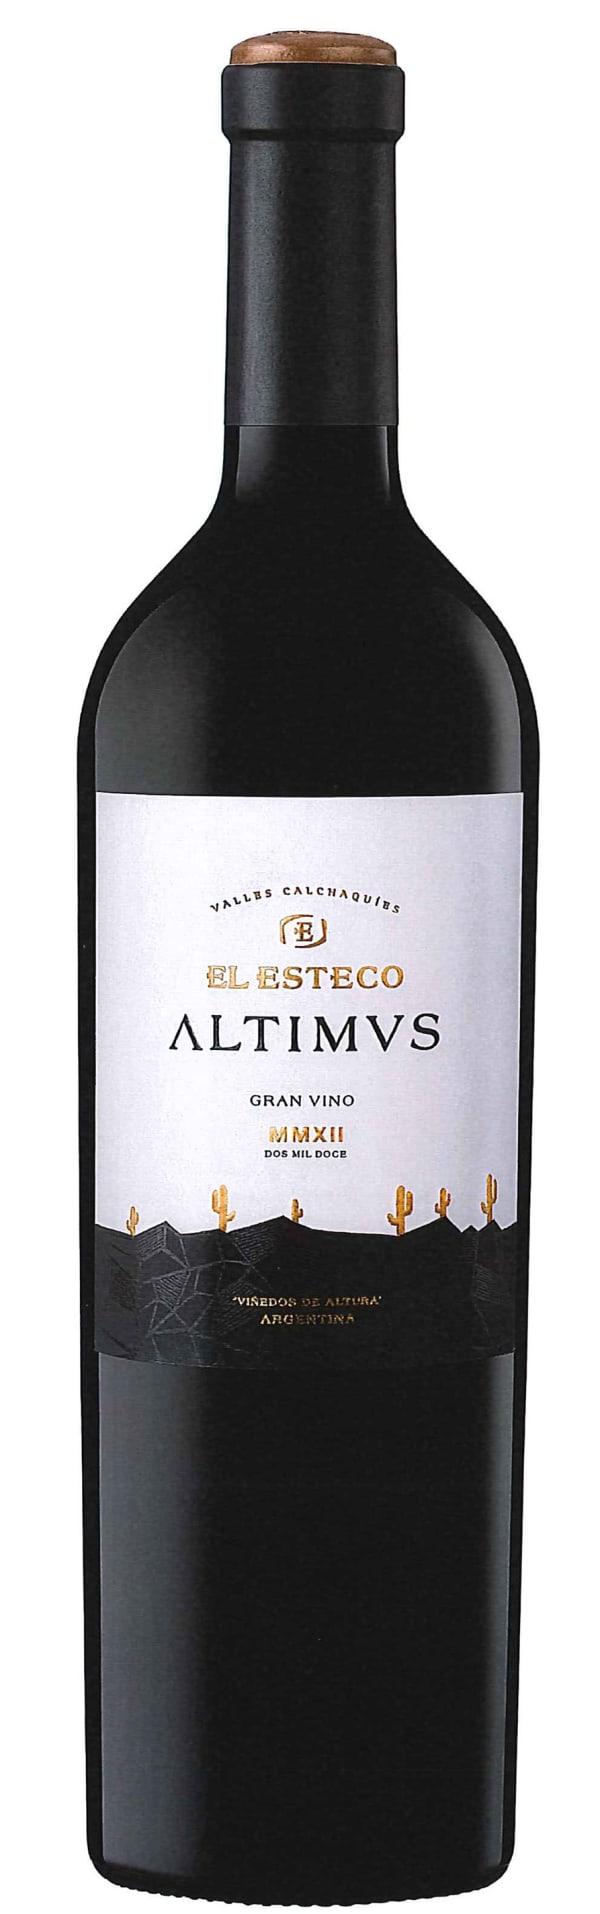 El Esteco Altimus 2012